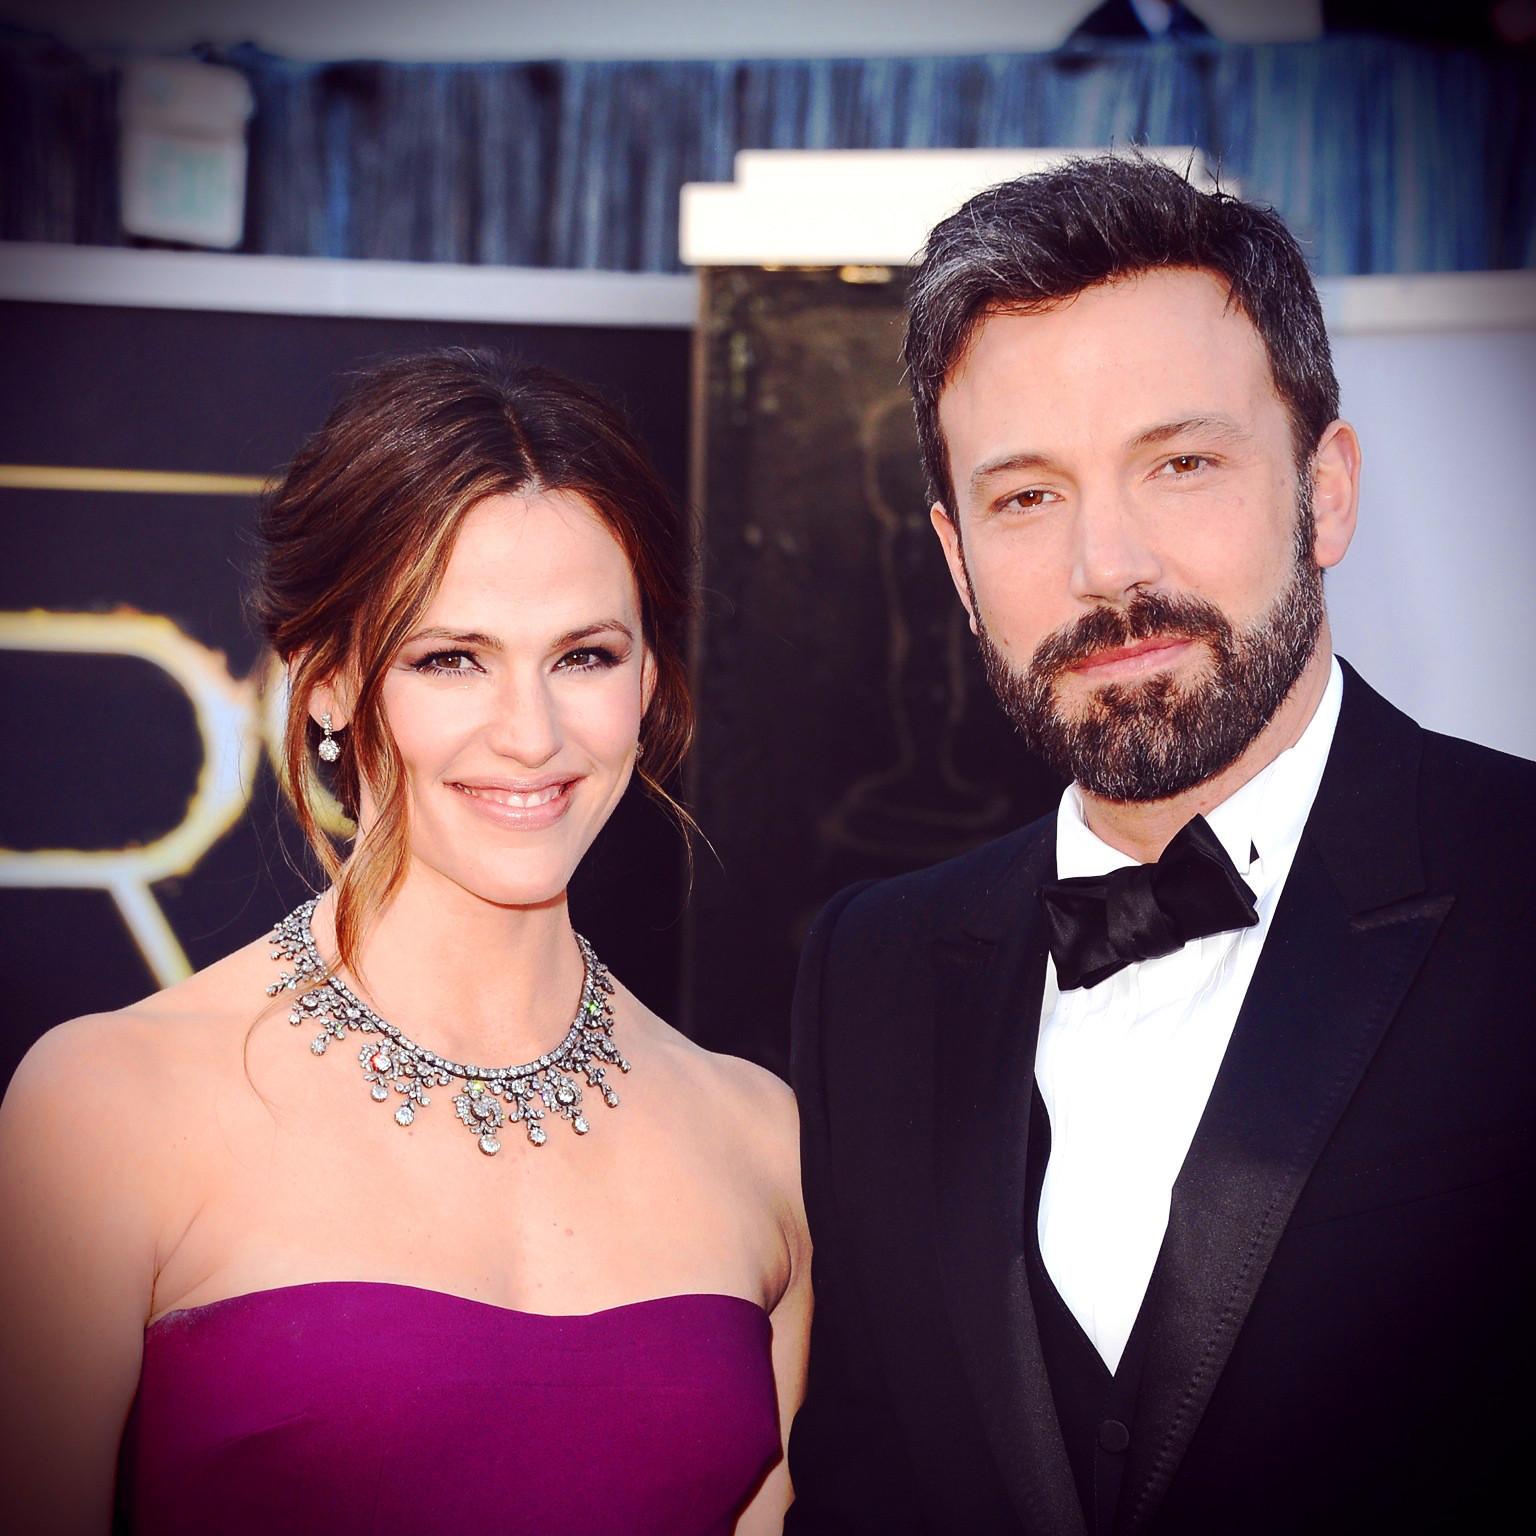 Jennifer Garner Opens Up About Ben's Oscar Speech